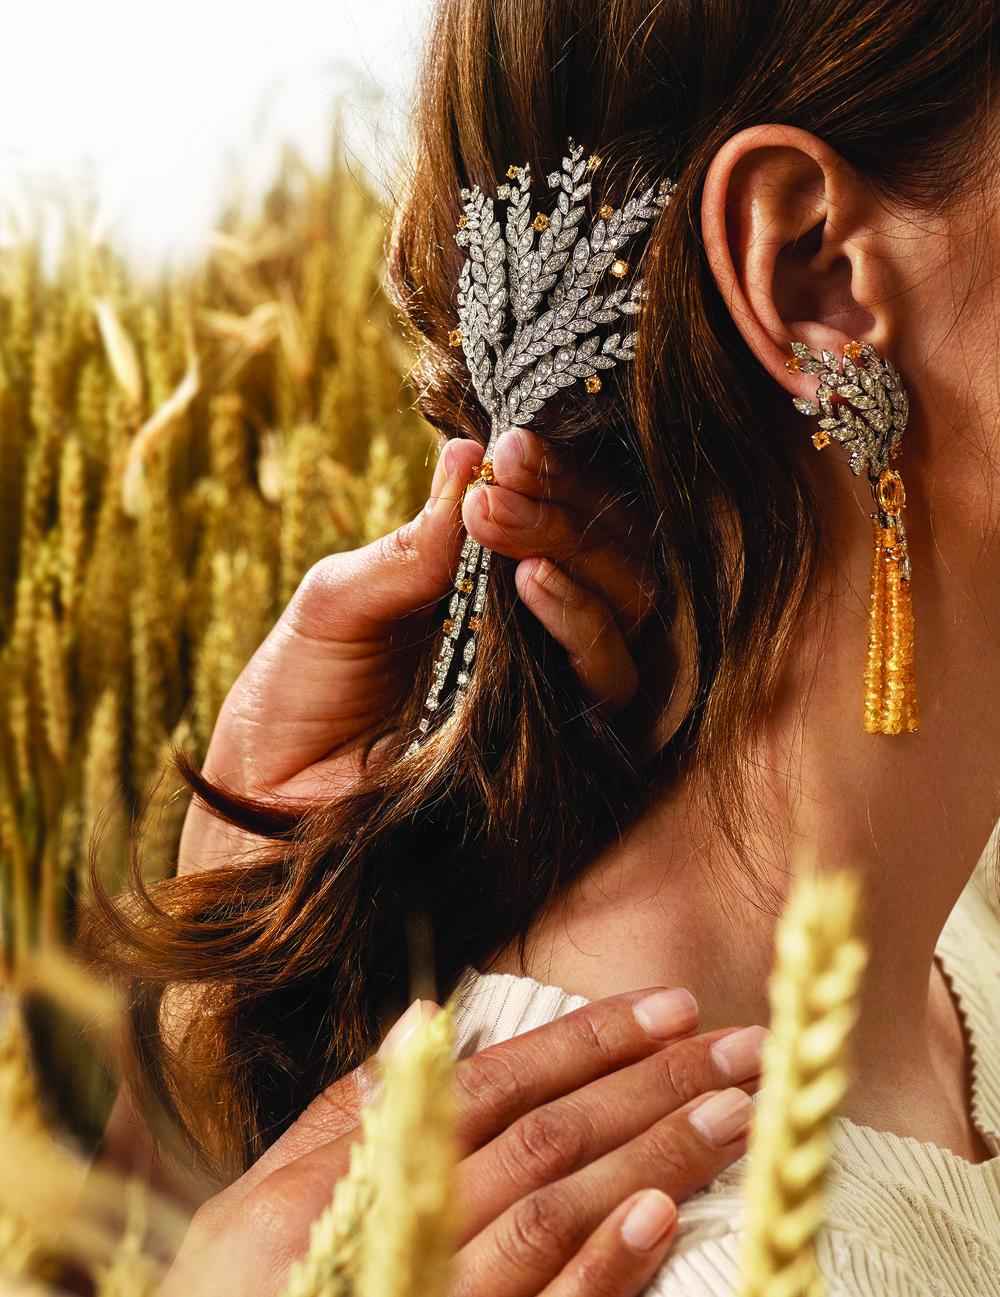 Moisson d'Or earrings系列,18K白、黃金胸針,飾以一顆11.8克拉馬眼形切割黃色藍寶石。18K白、黃金耳環上黃色藍寶石的流蘇垂下,墜飾兩顆總重5.71克拉的馬眼形切割黃色藍寶石,束以鋪鑲鑽石的麥穗。